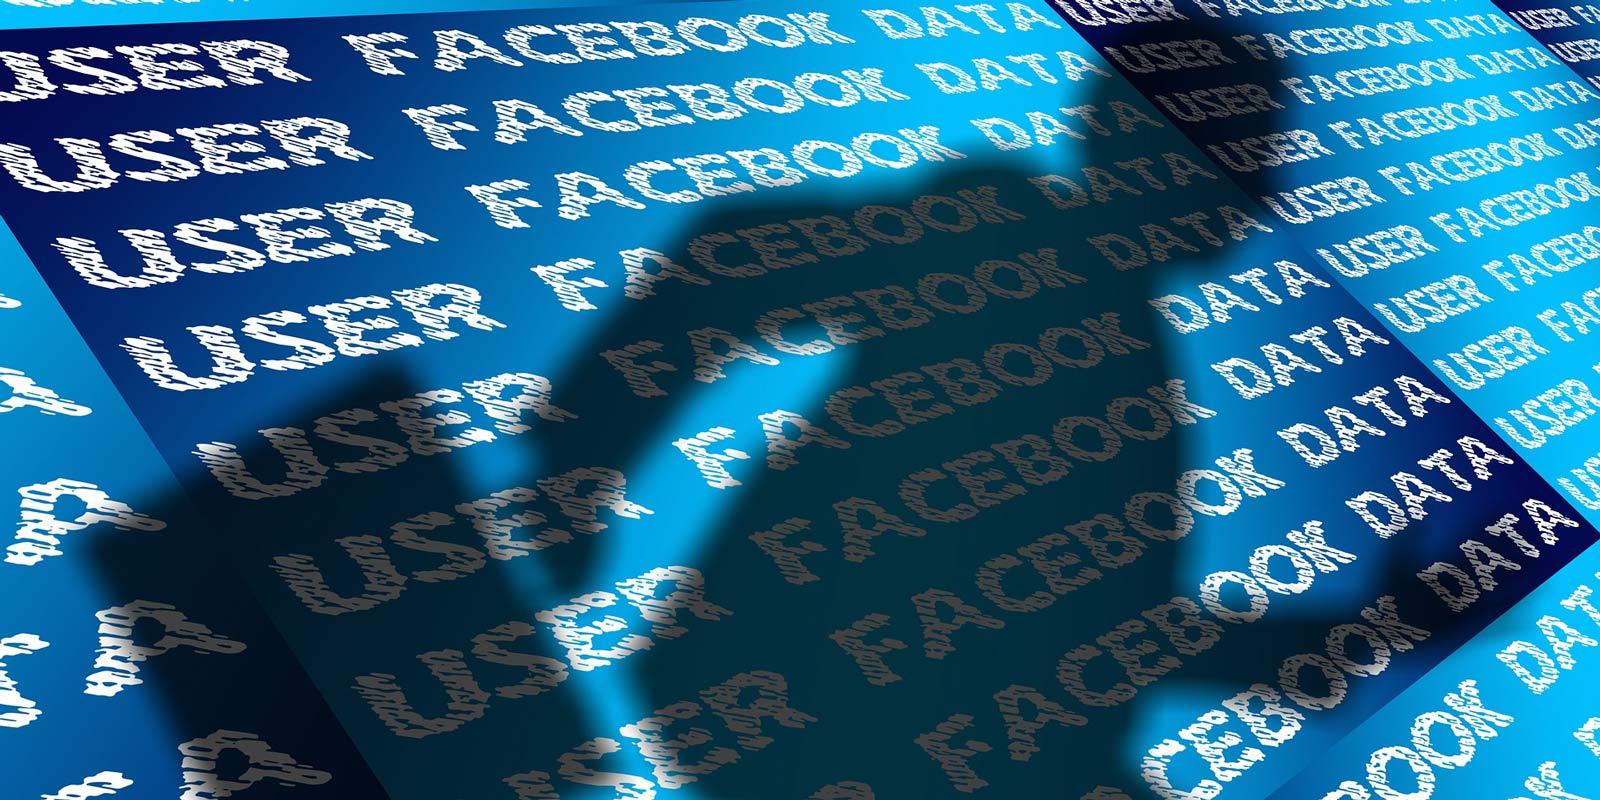 Co vše o mě ví (nejen) Facebook? Jak stáhnout svá data.